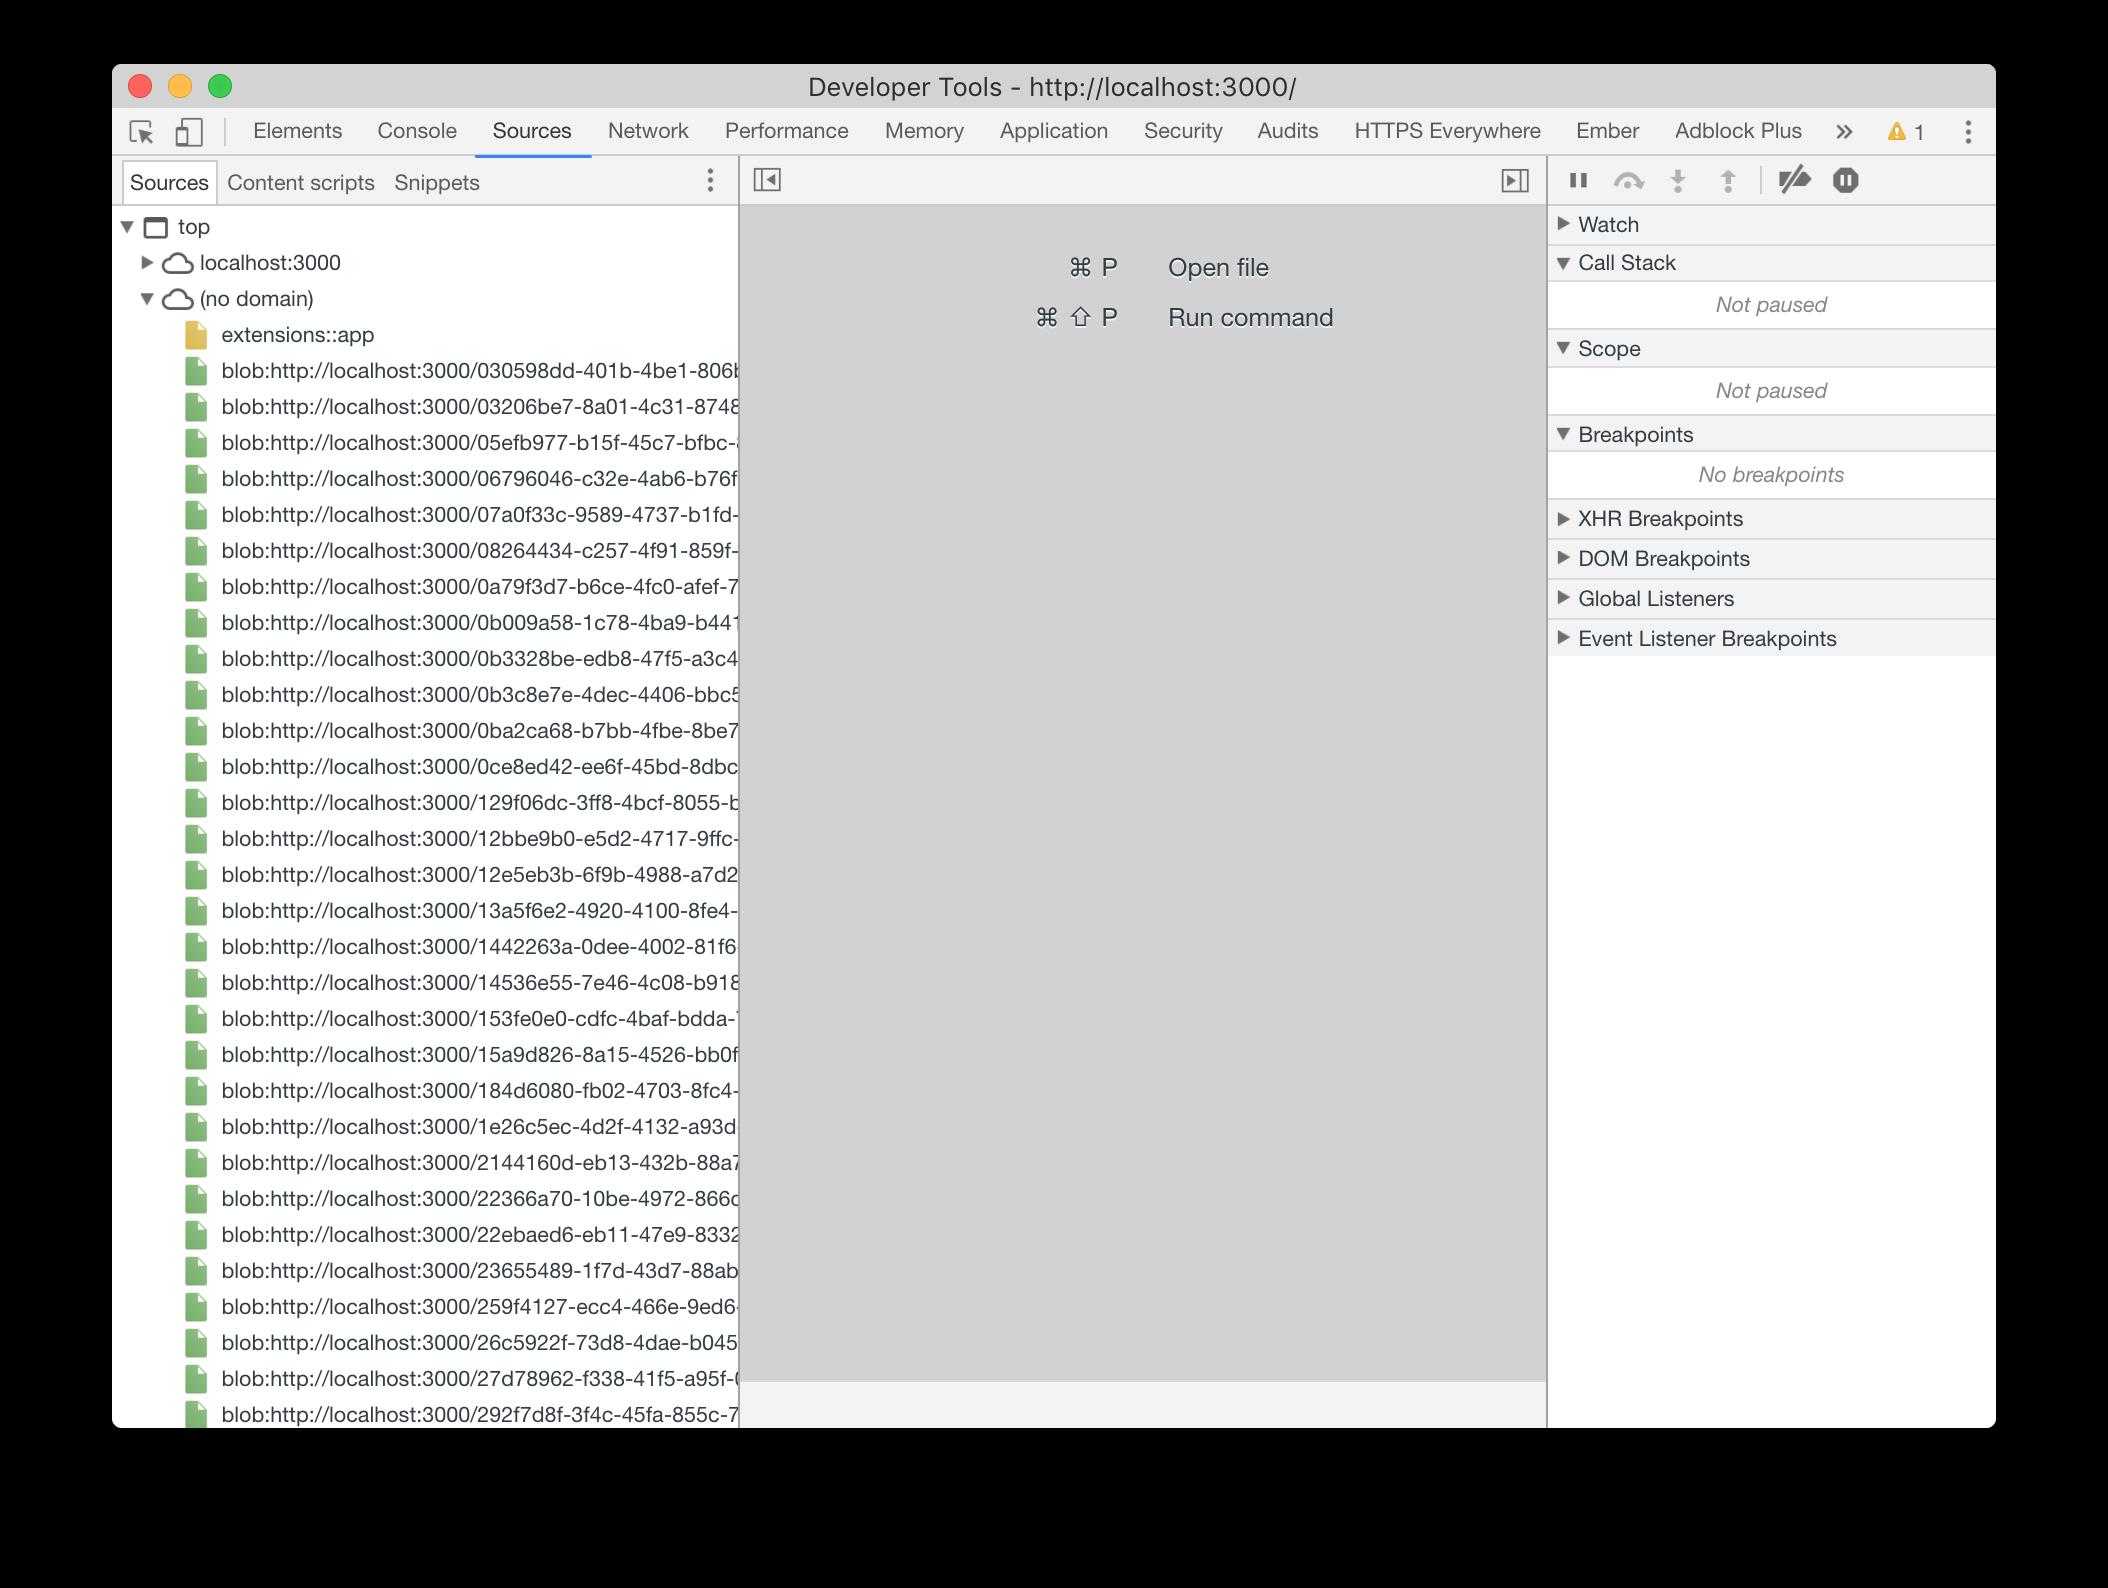 A long list of duplicate blob: URLs